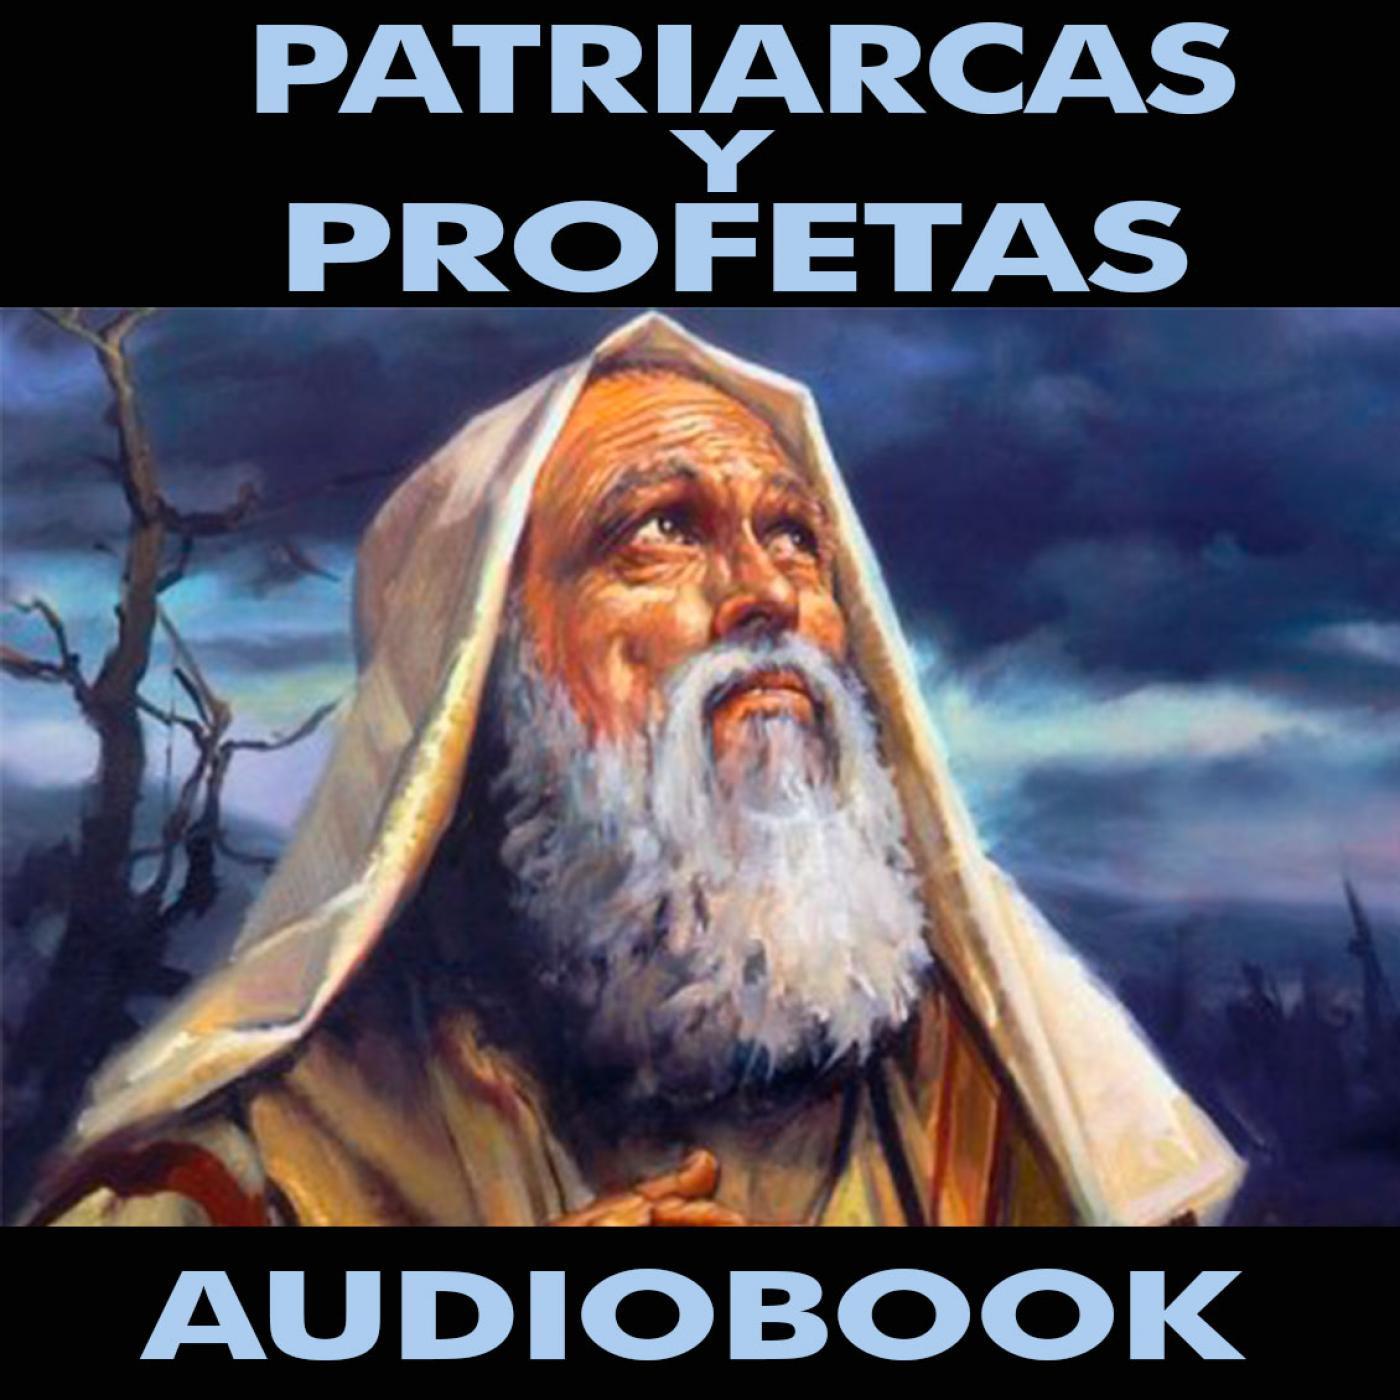 PATRIARCA Y PROFETAS EPUB